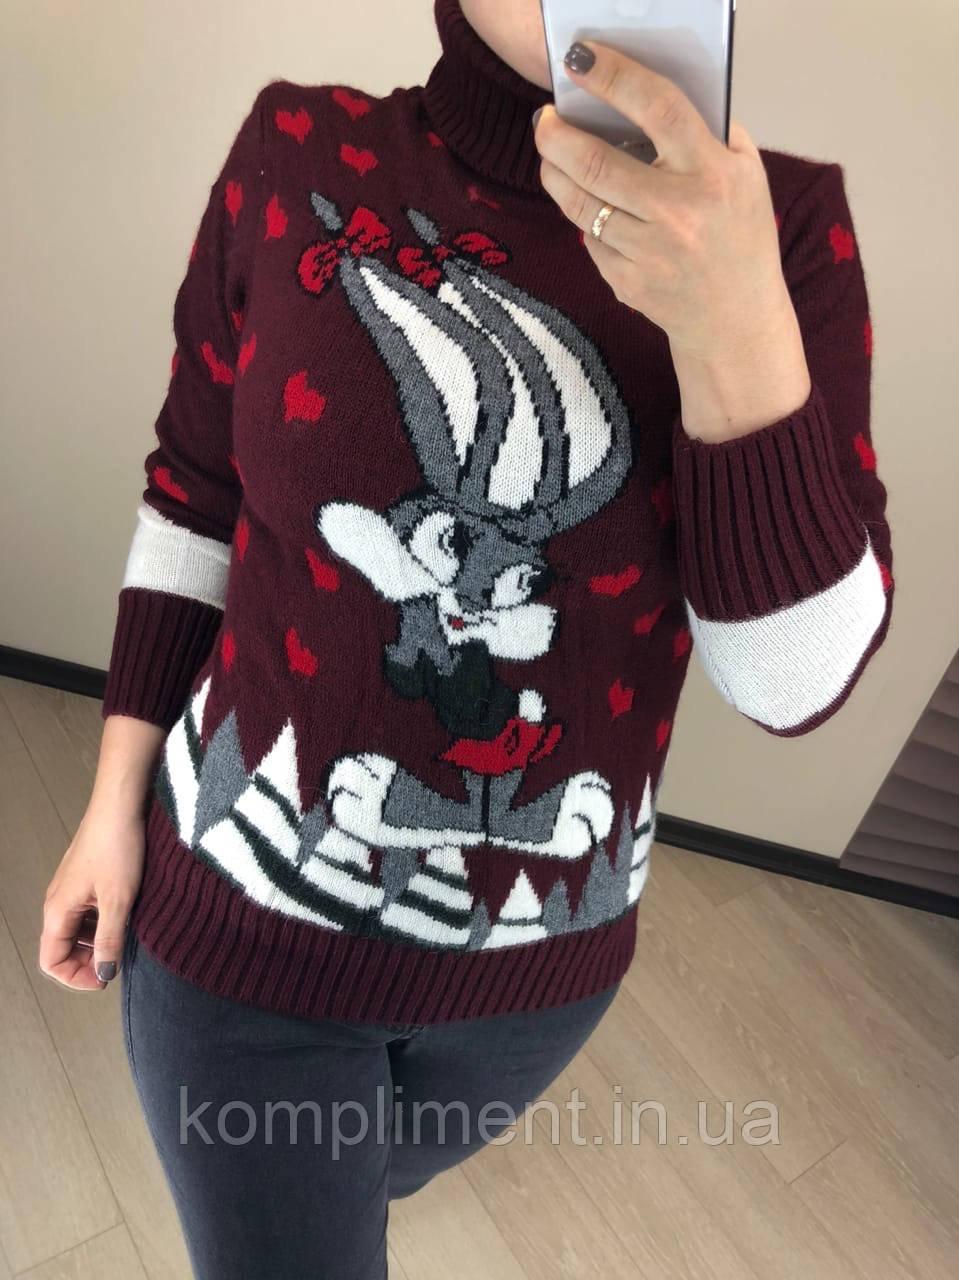 Женский шерстяной свитер с рисунком зайчик, бордовый. Турция.